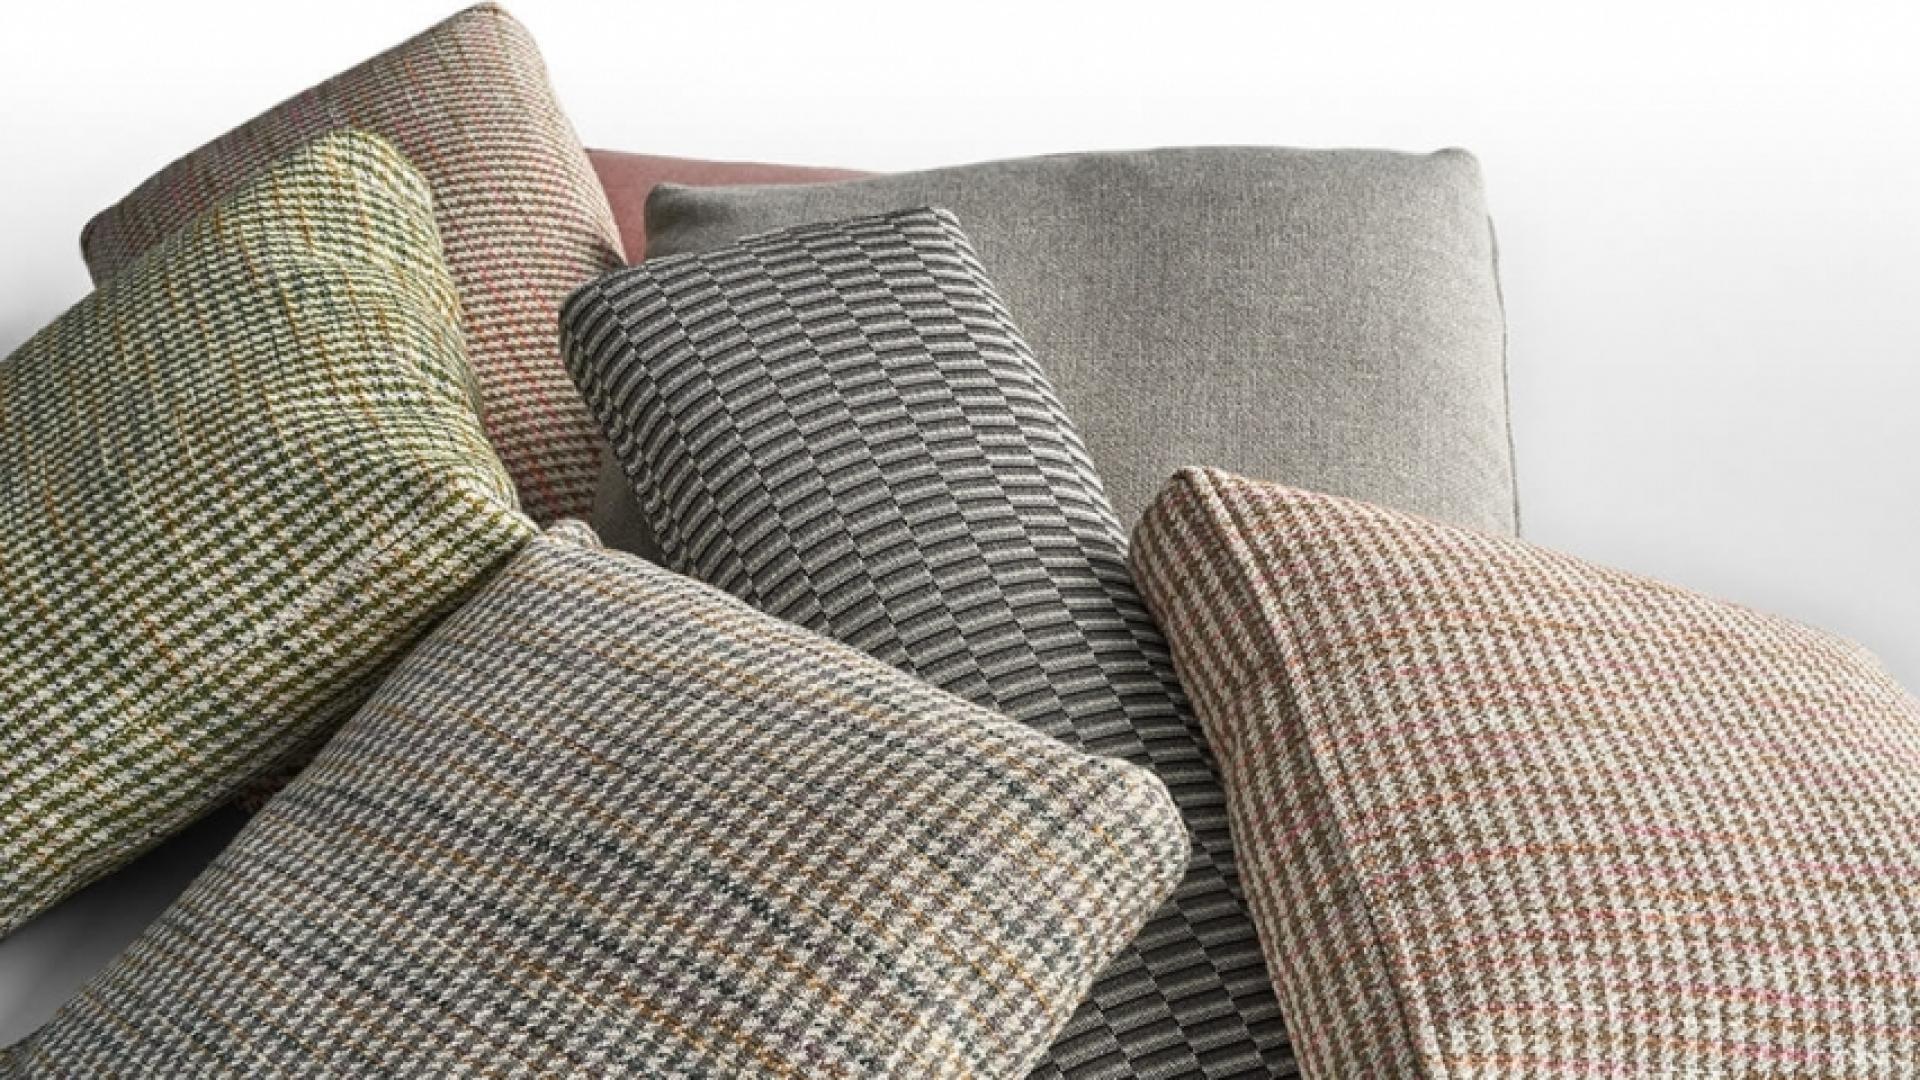 divano-componibile-design-cosy-6.jpg